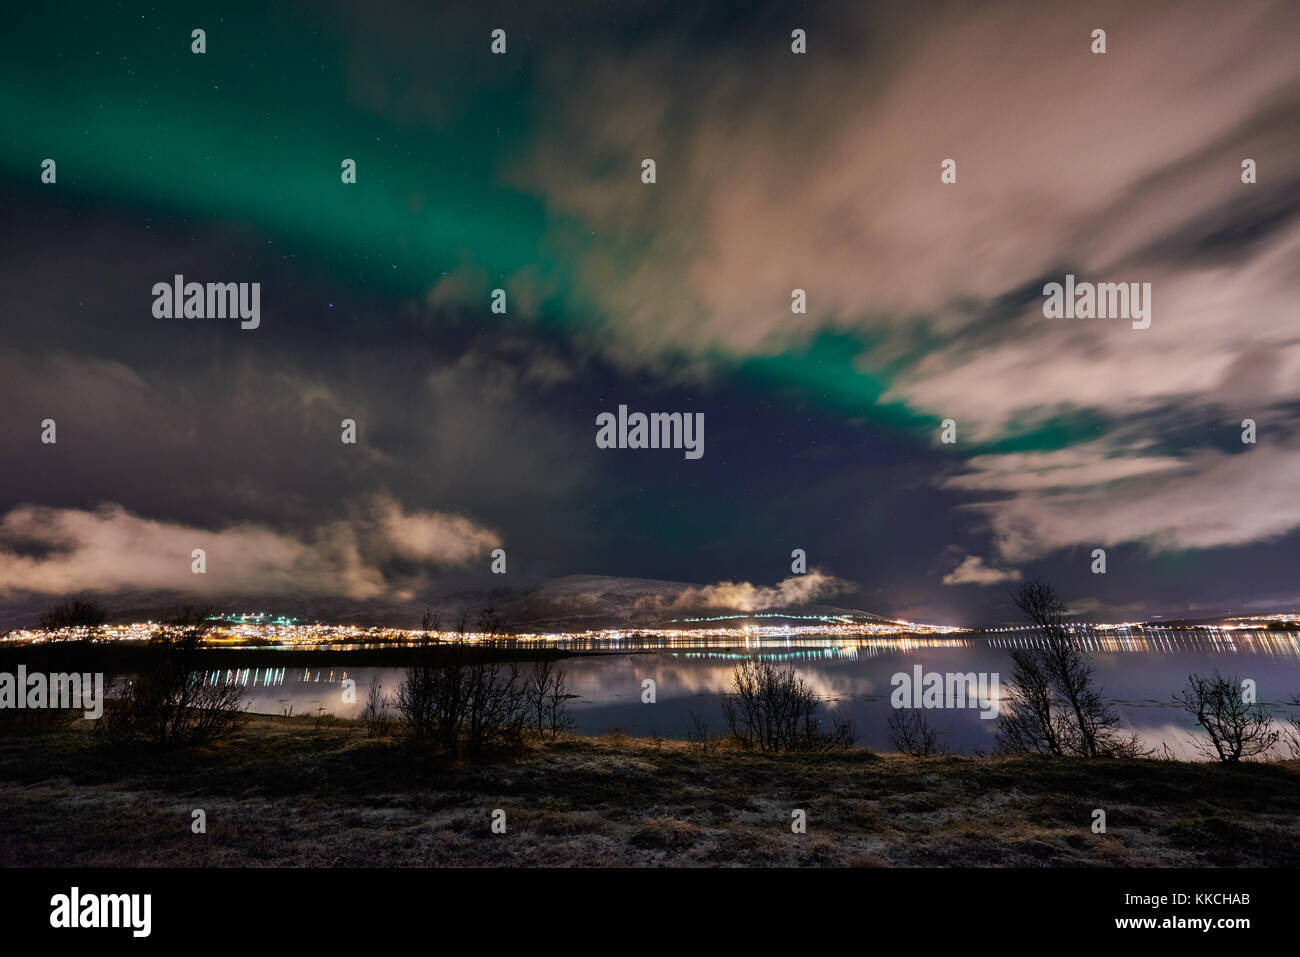 La Aurora Boreal o luces del norte durante el invierno el paisaje de Tromso, Troms, Noruega, Europa Foto de stock